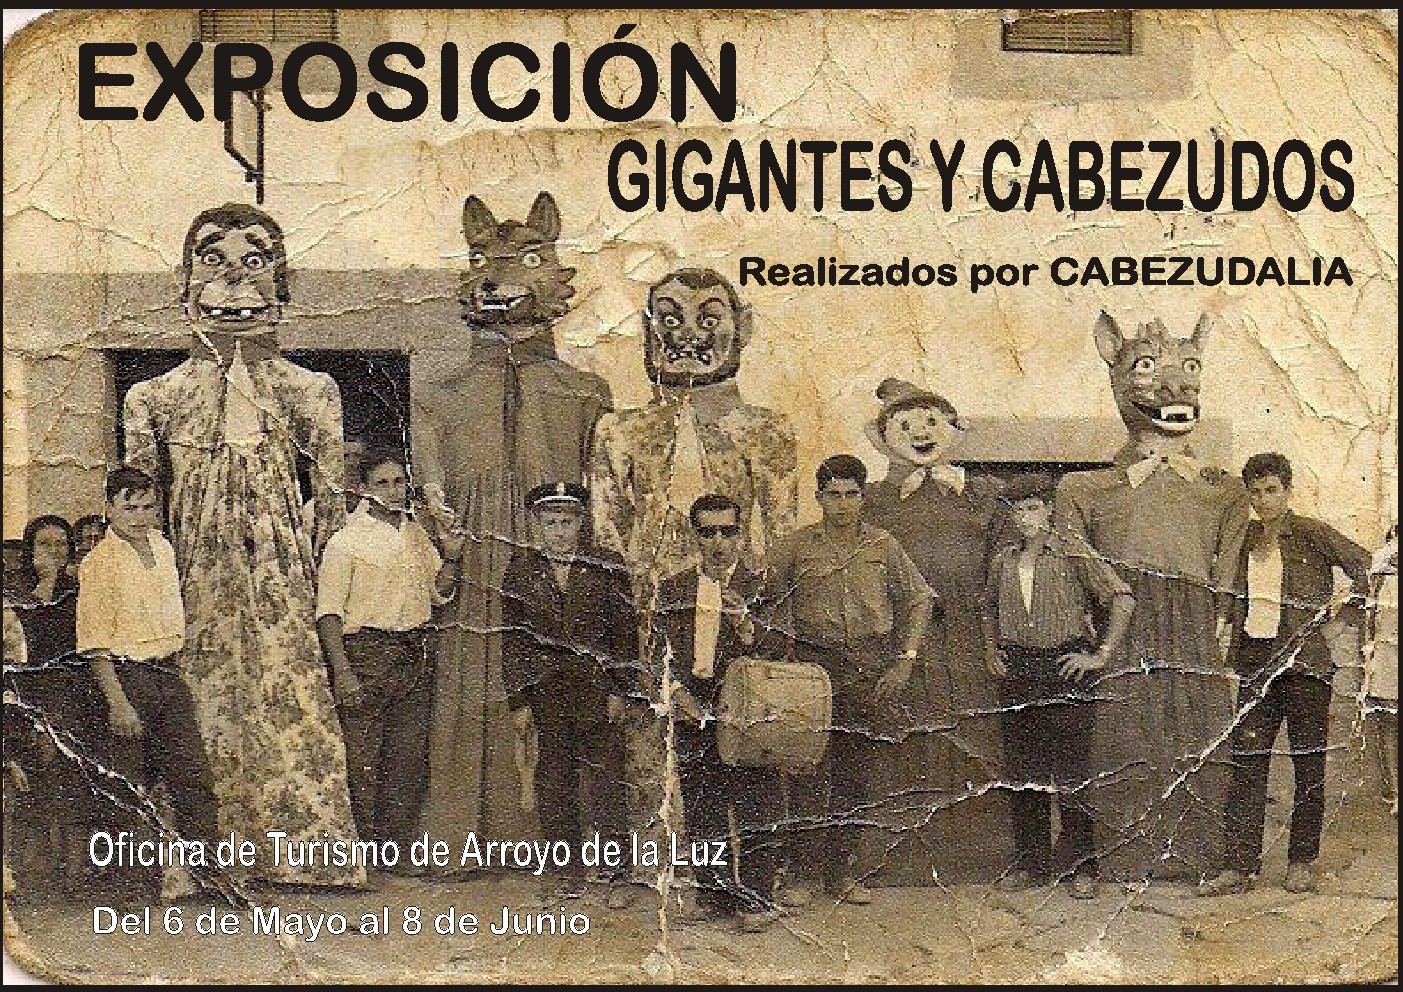 Exposición de 'Gigantes y cabezudos' en la Oficina de turismo